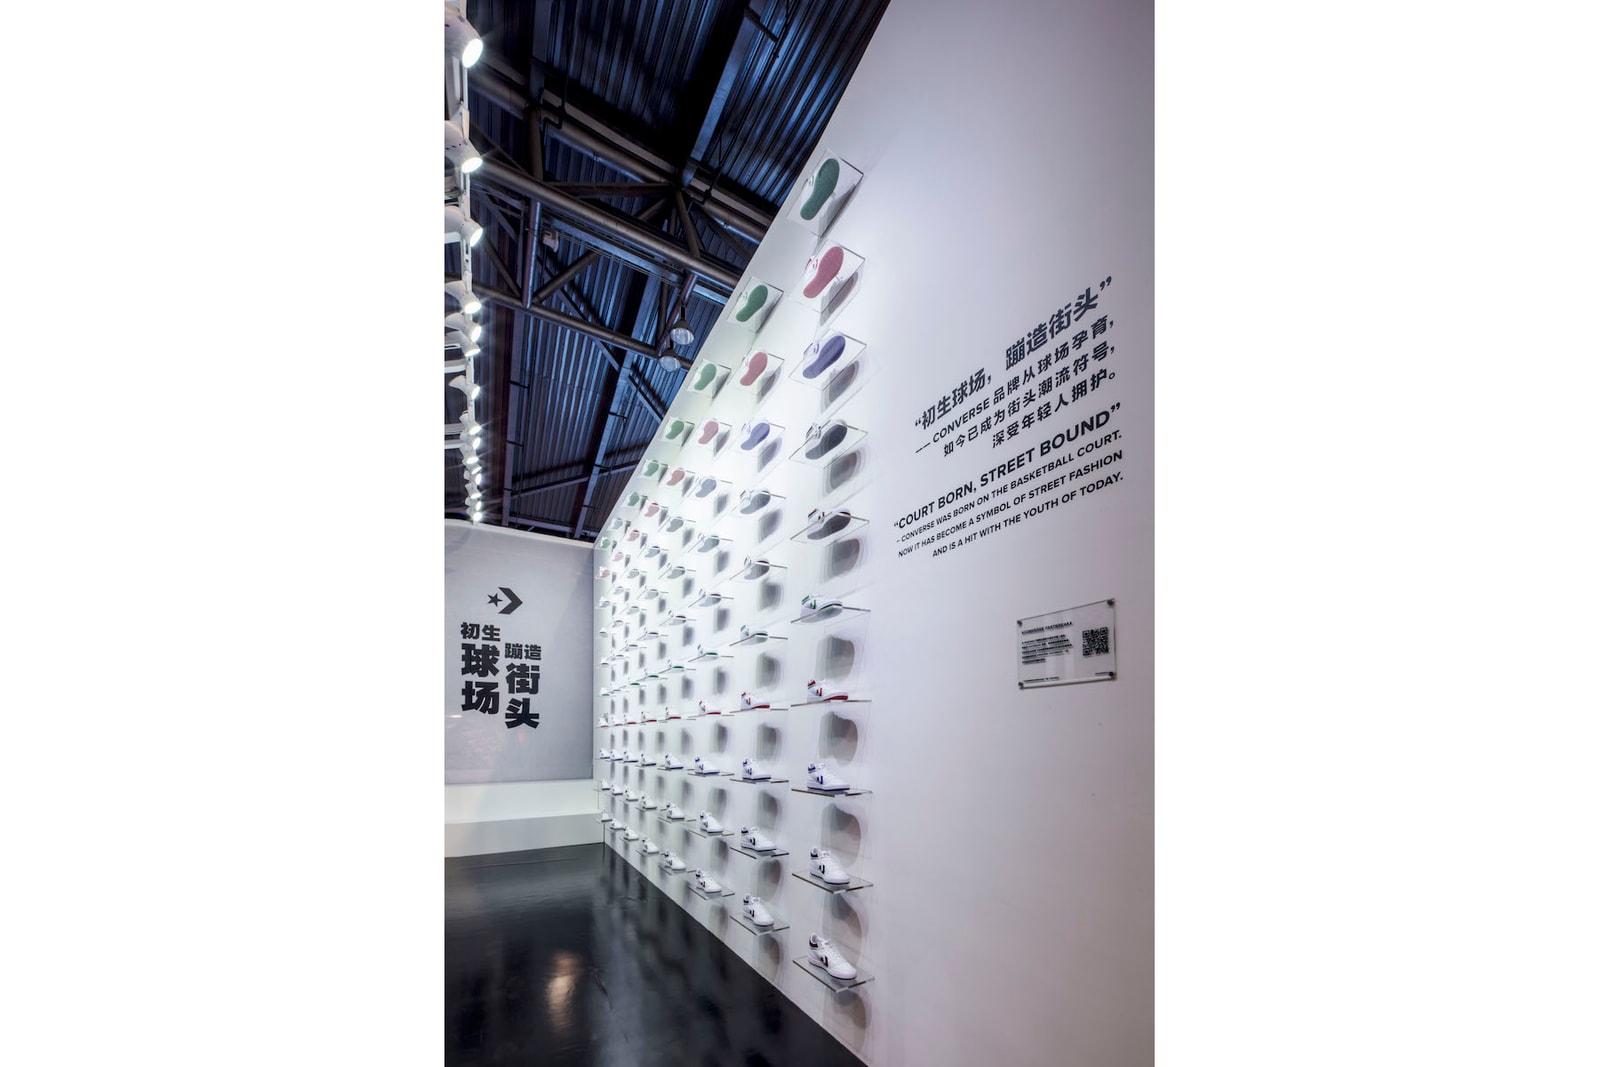 陳冠希傾力打造-首屆 INNERSECT 全球潮流文化體驗展現場回顧